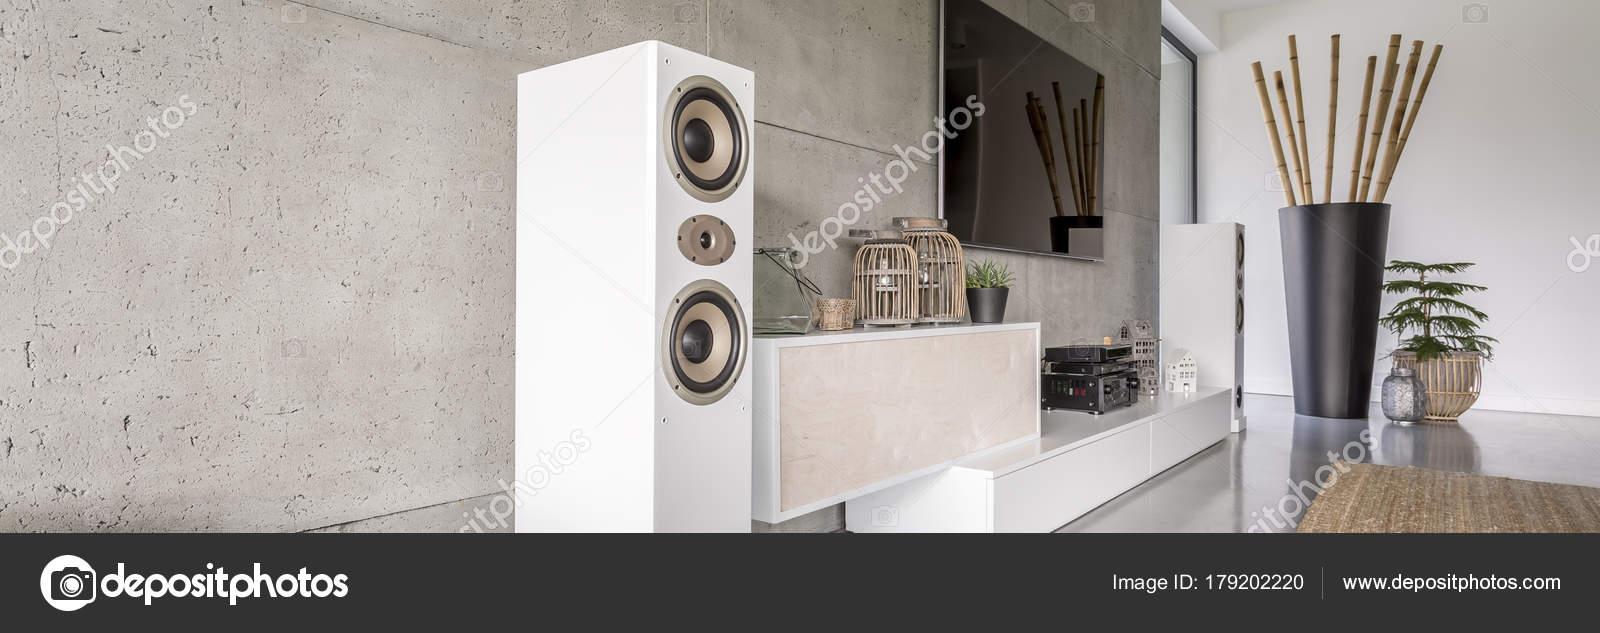 Weiße Lautsprecher in moderne Wohnzimmer — Stockfoto ...